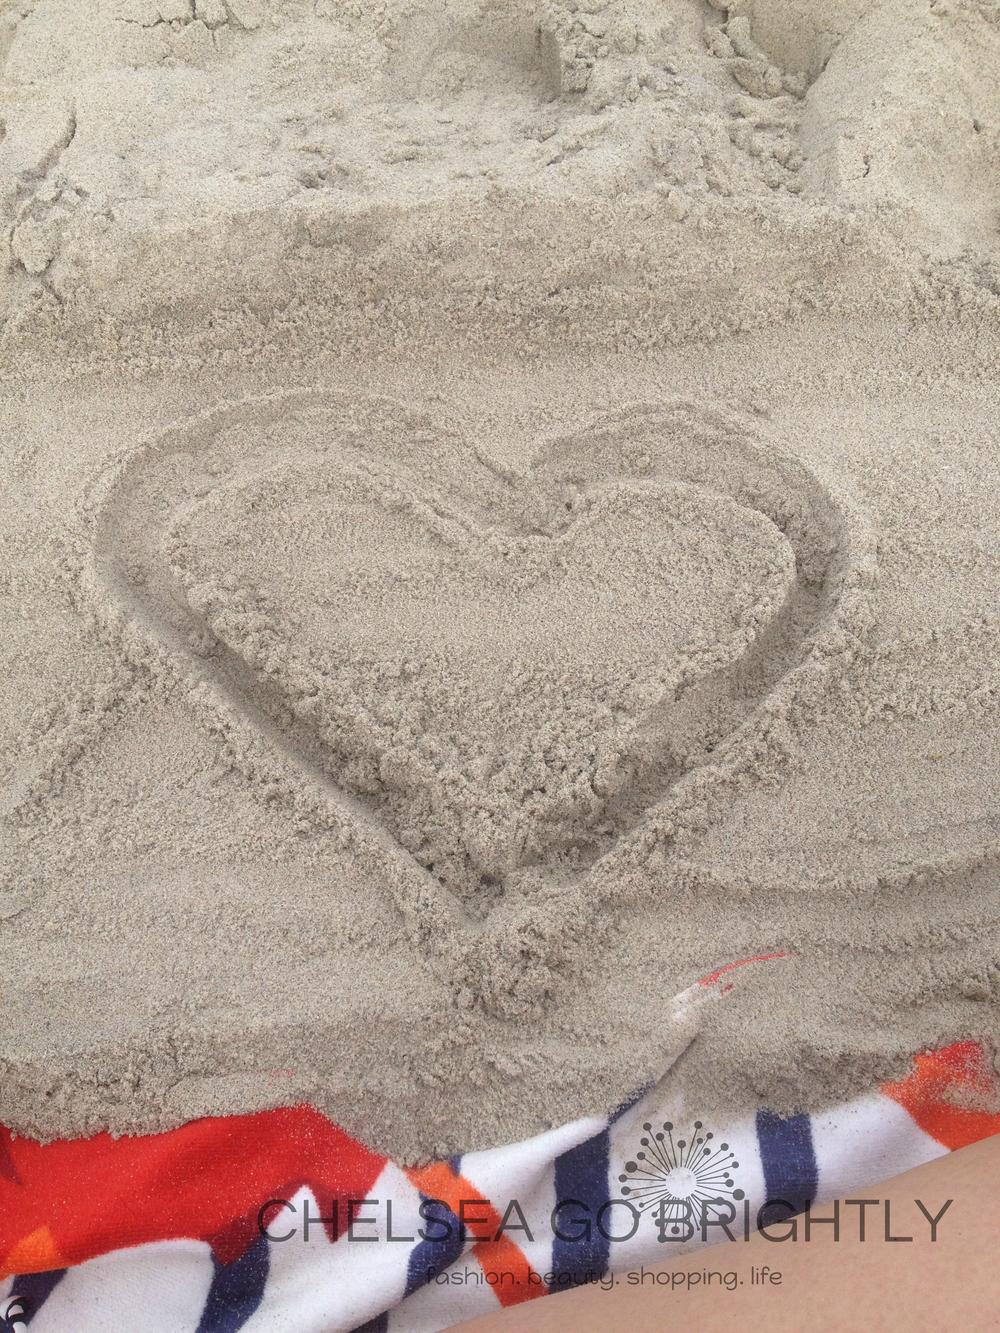 A sandy heart at Fort Tilden Beach